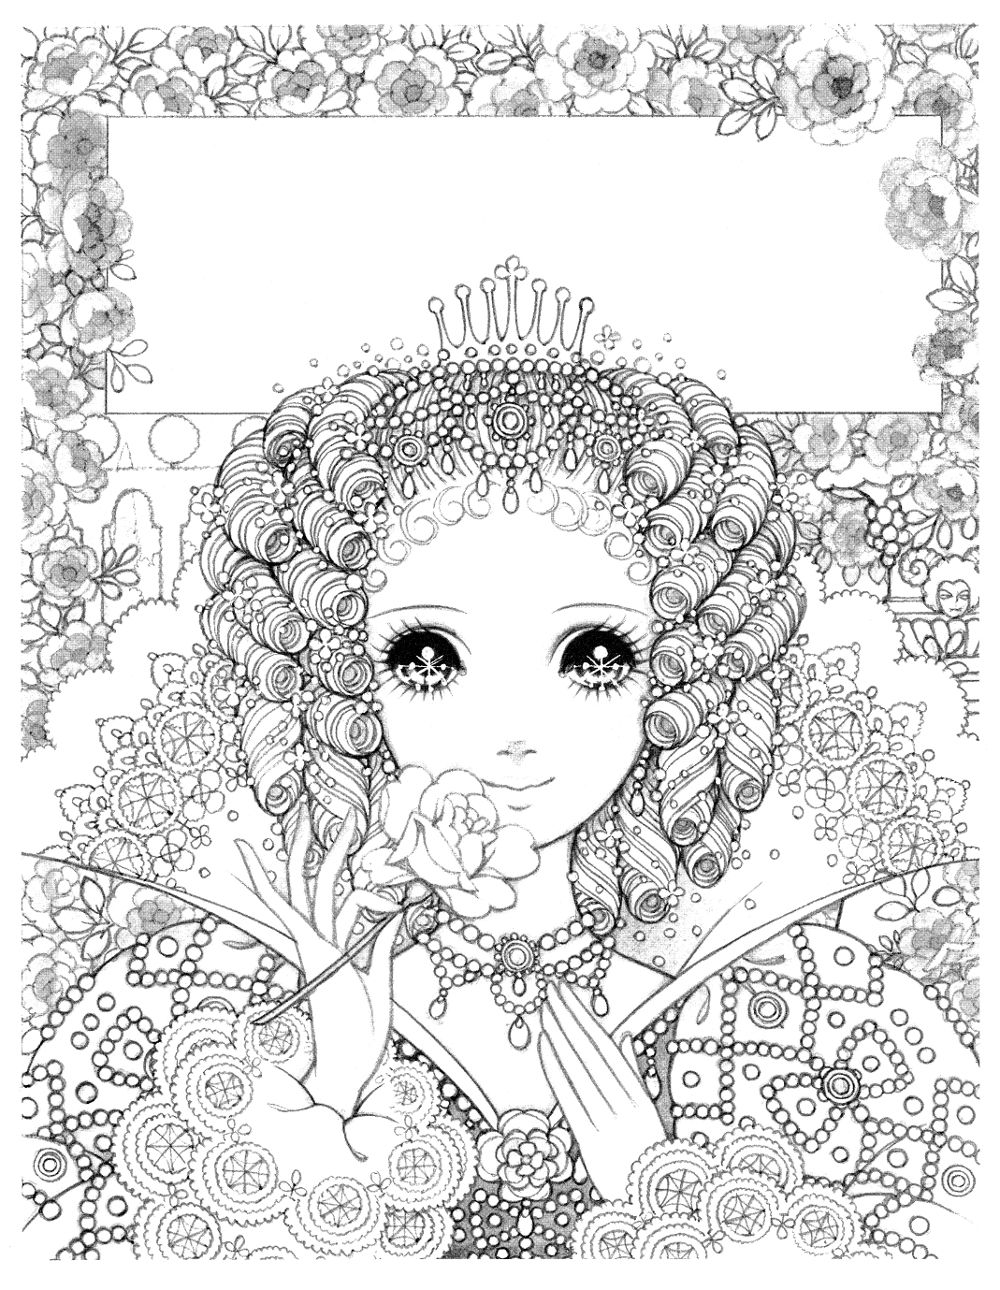 高橋真琴のお姫様ぬりえ ミツキmaウスの小さな世界 高橋真琴